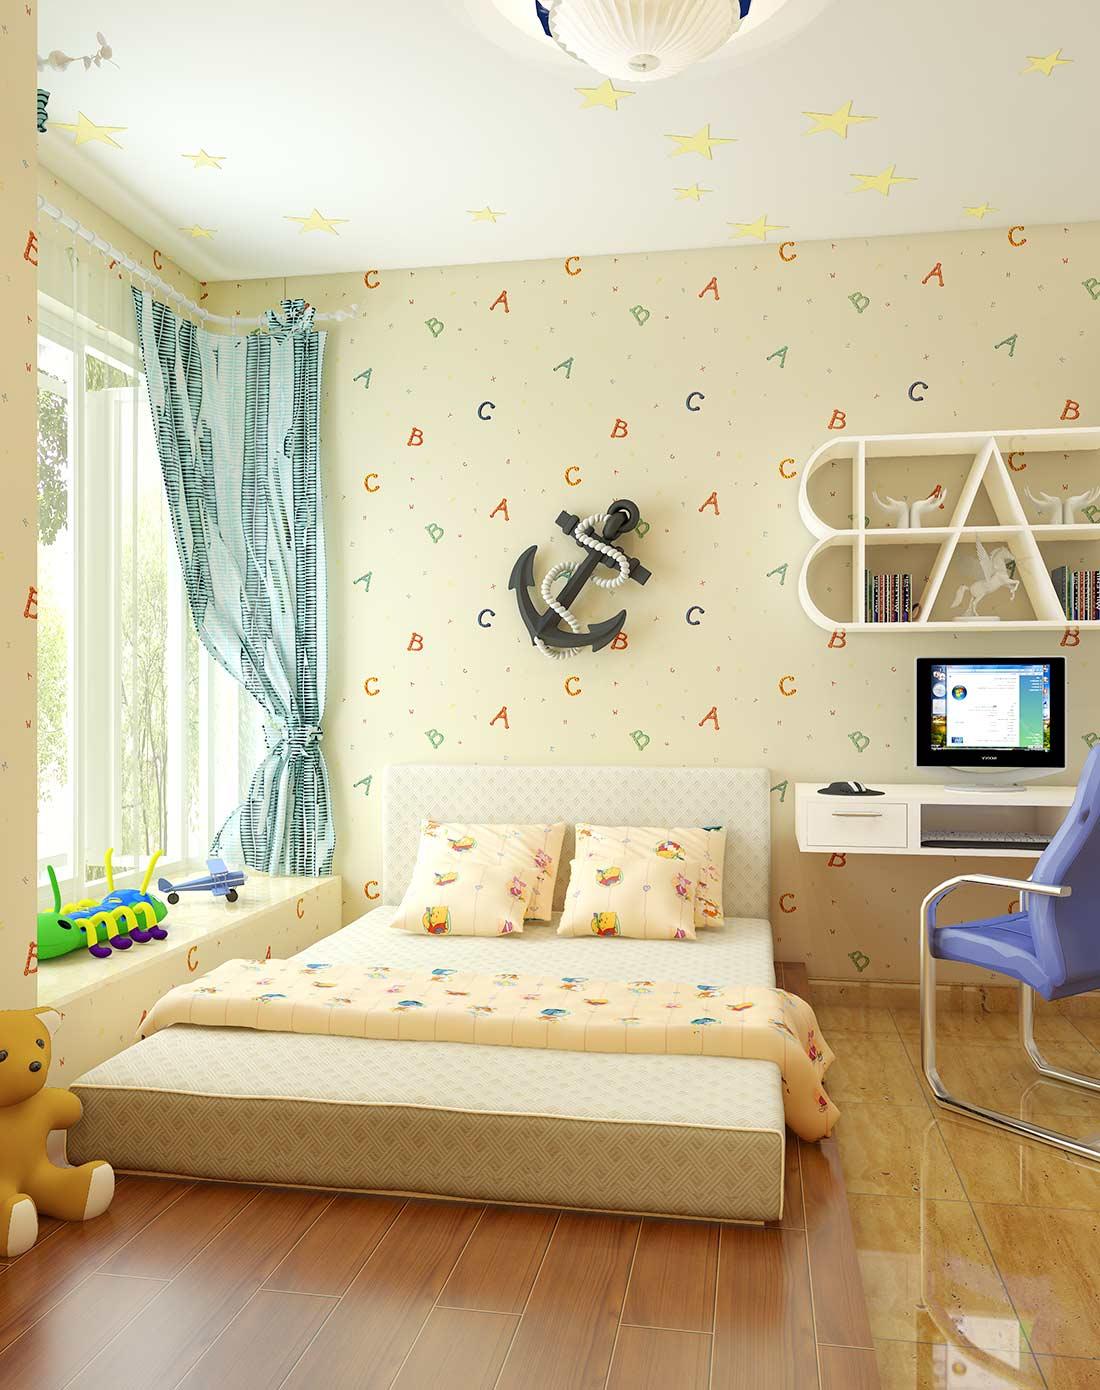 旗航卡通字母儿童房墙纸男孩女孩卧室床头墙纸